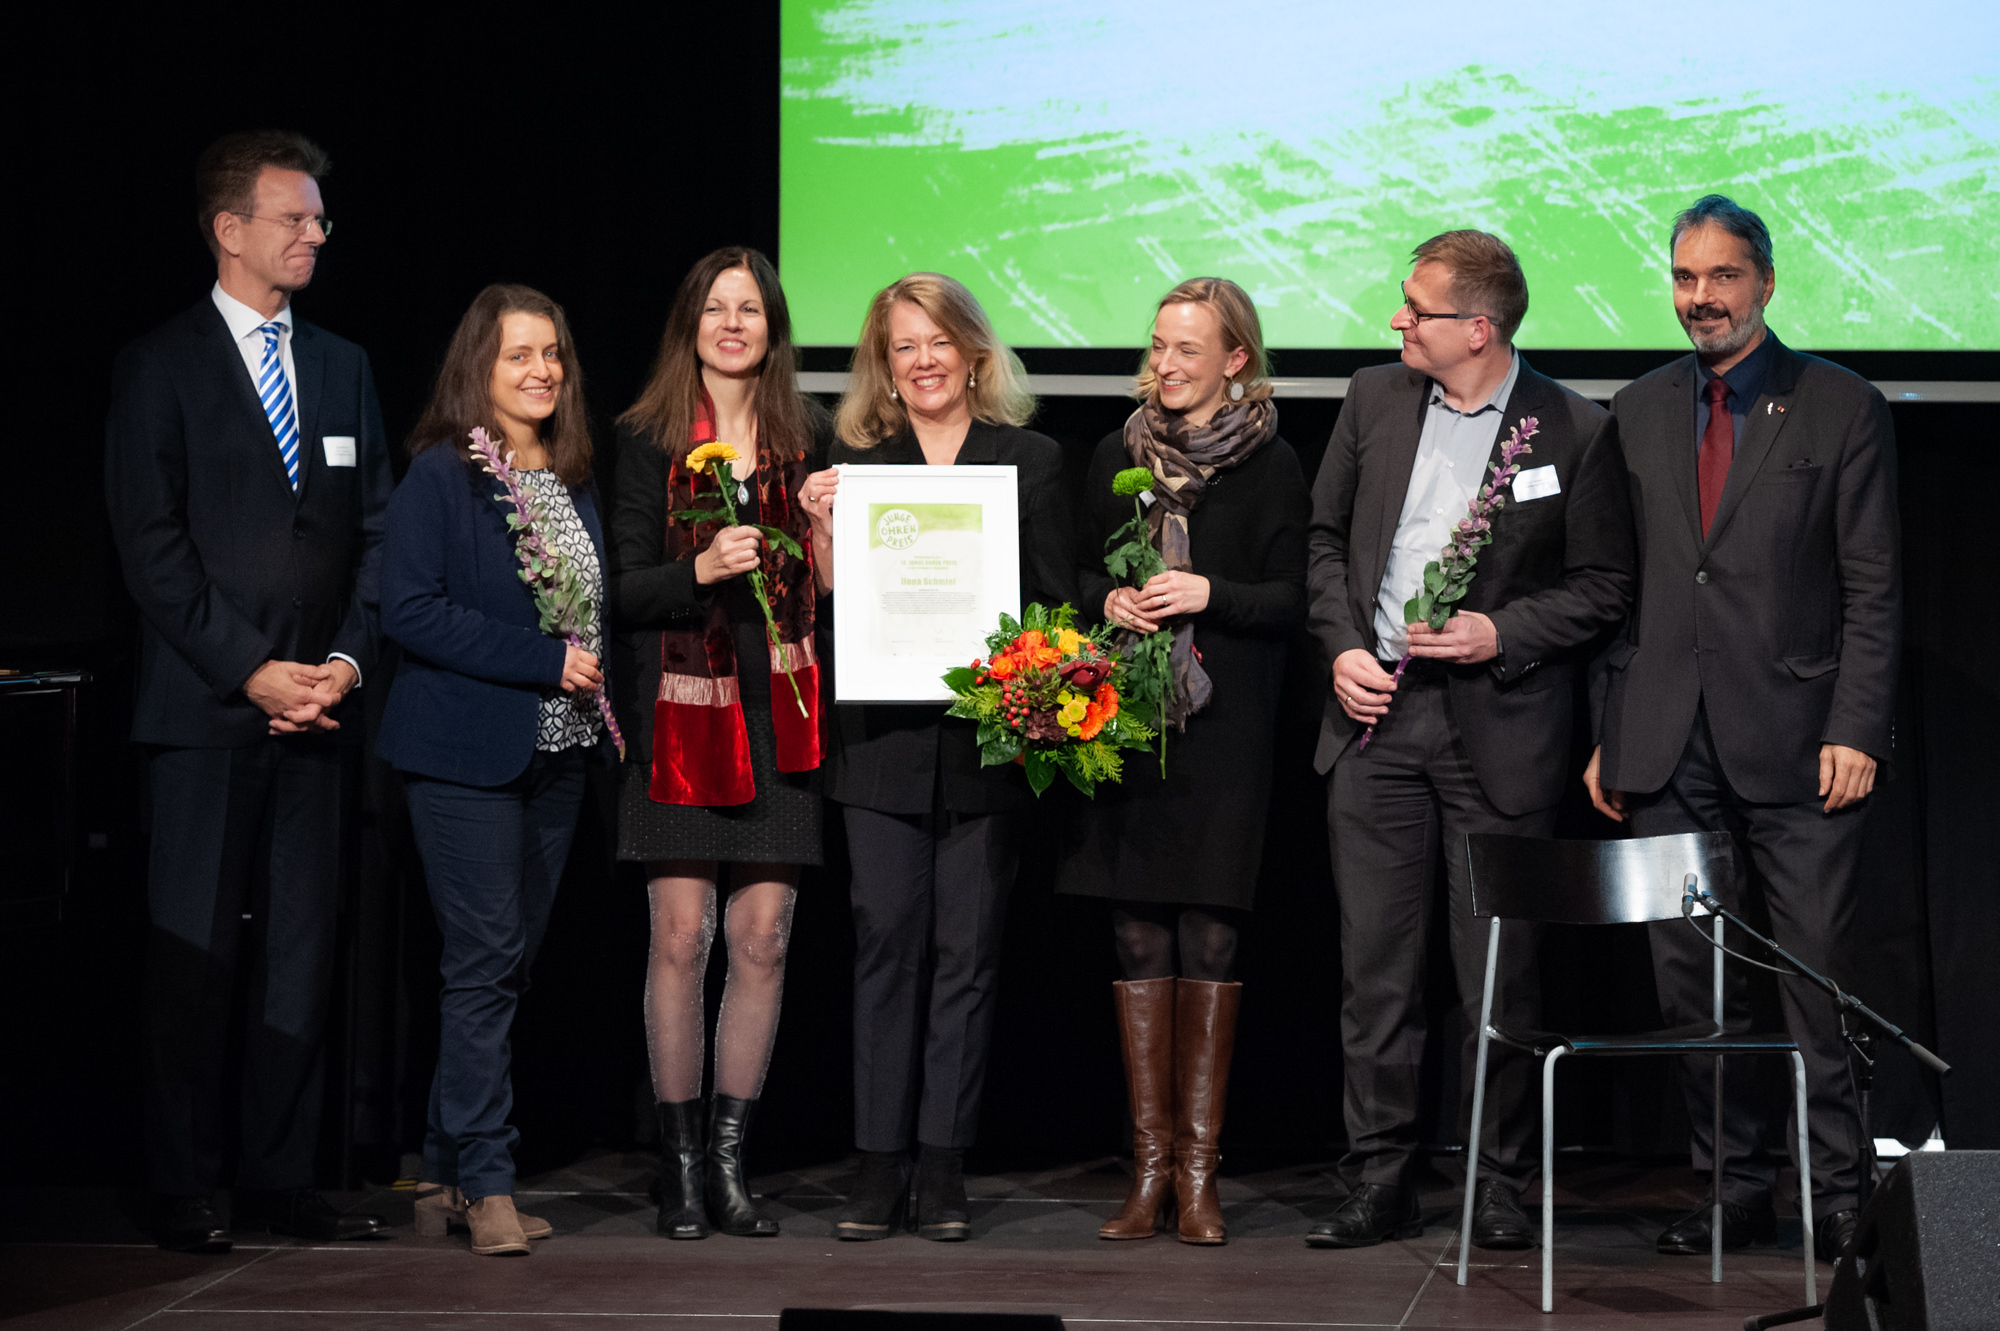 Ilona Schmiel bei derEntgegennahme des Junge-Ohren-Preises »Charakter« am 27. November 2018 in Dortmund umgeben vonMusikvermittler/innen, mit denen sie inBremen, Bonn und Zürichgemeinsam Programme gestaltet hat.